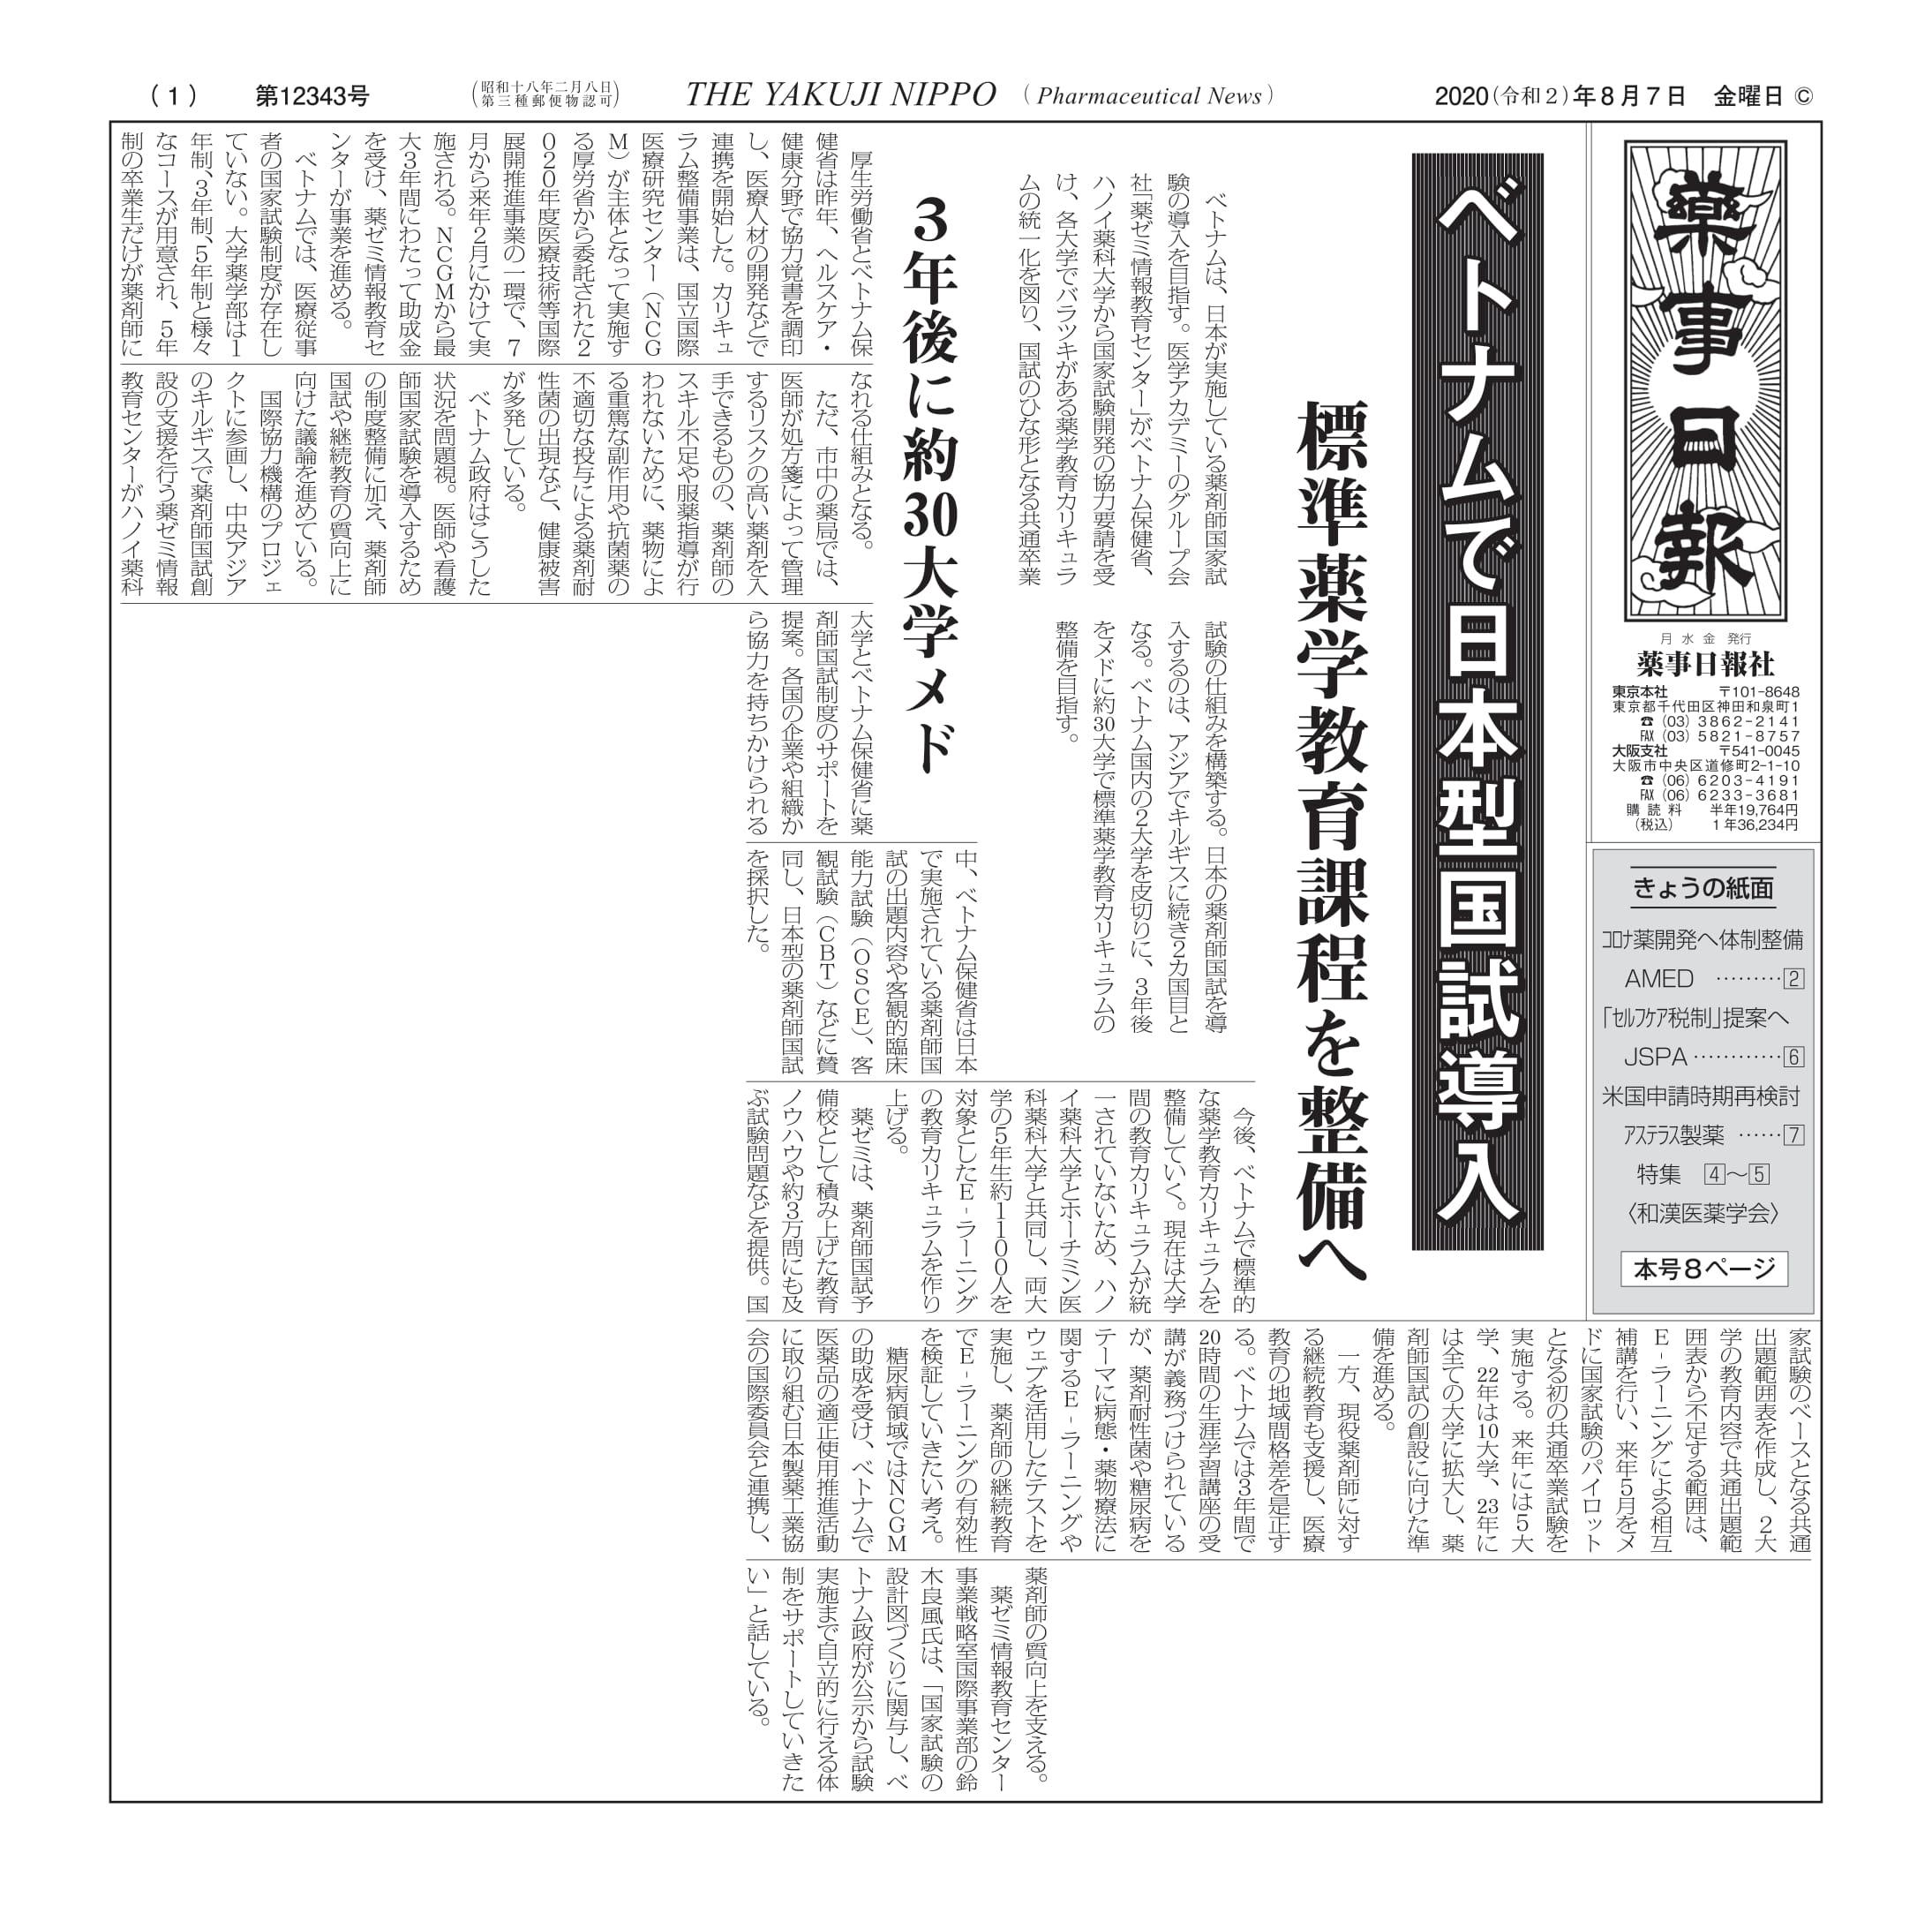 薬事日報「ベトナムで日本型国試導入‐標準薬学教育課程を整備へ」